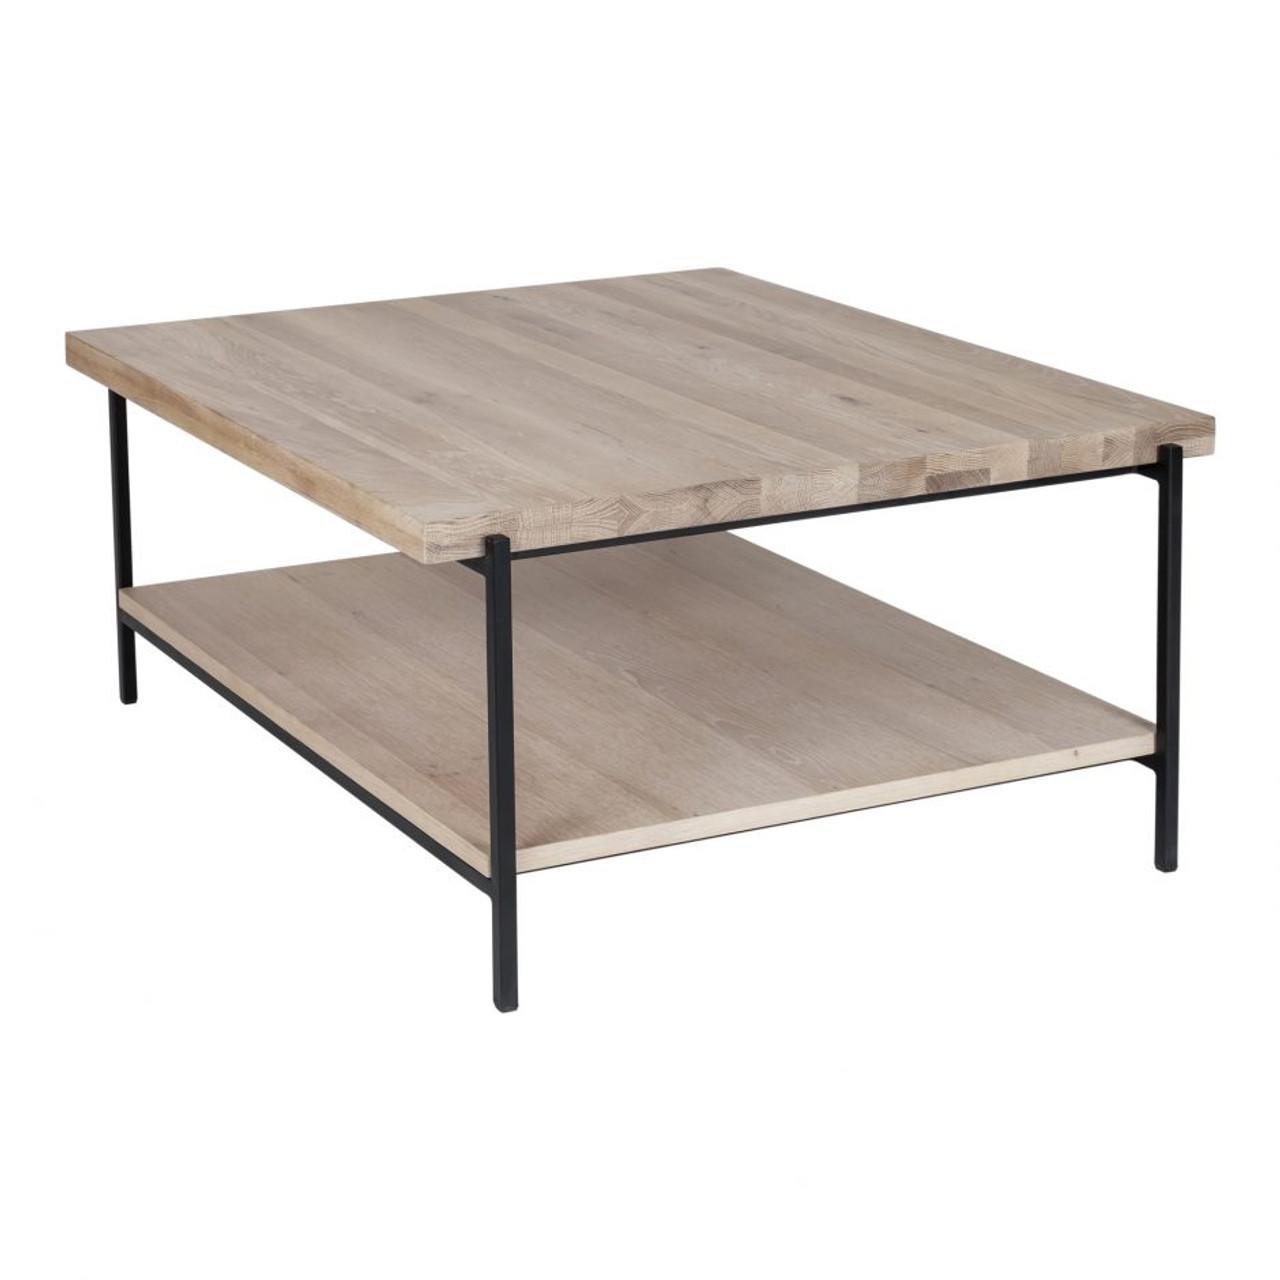 Borden Coffee Table